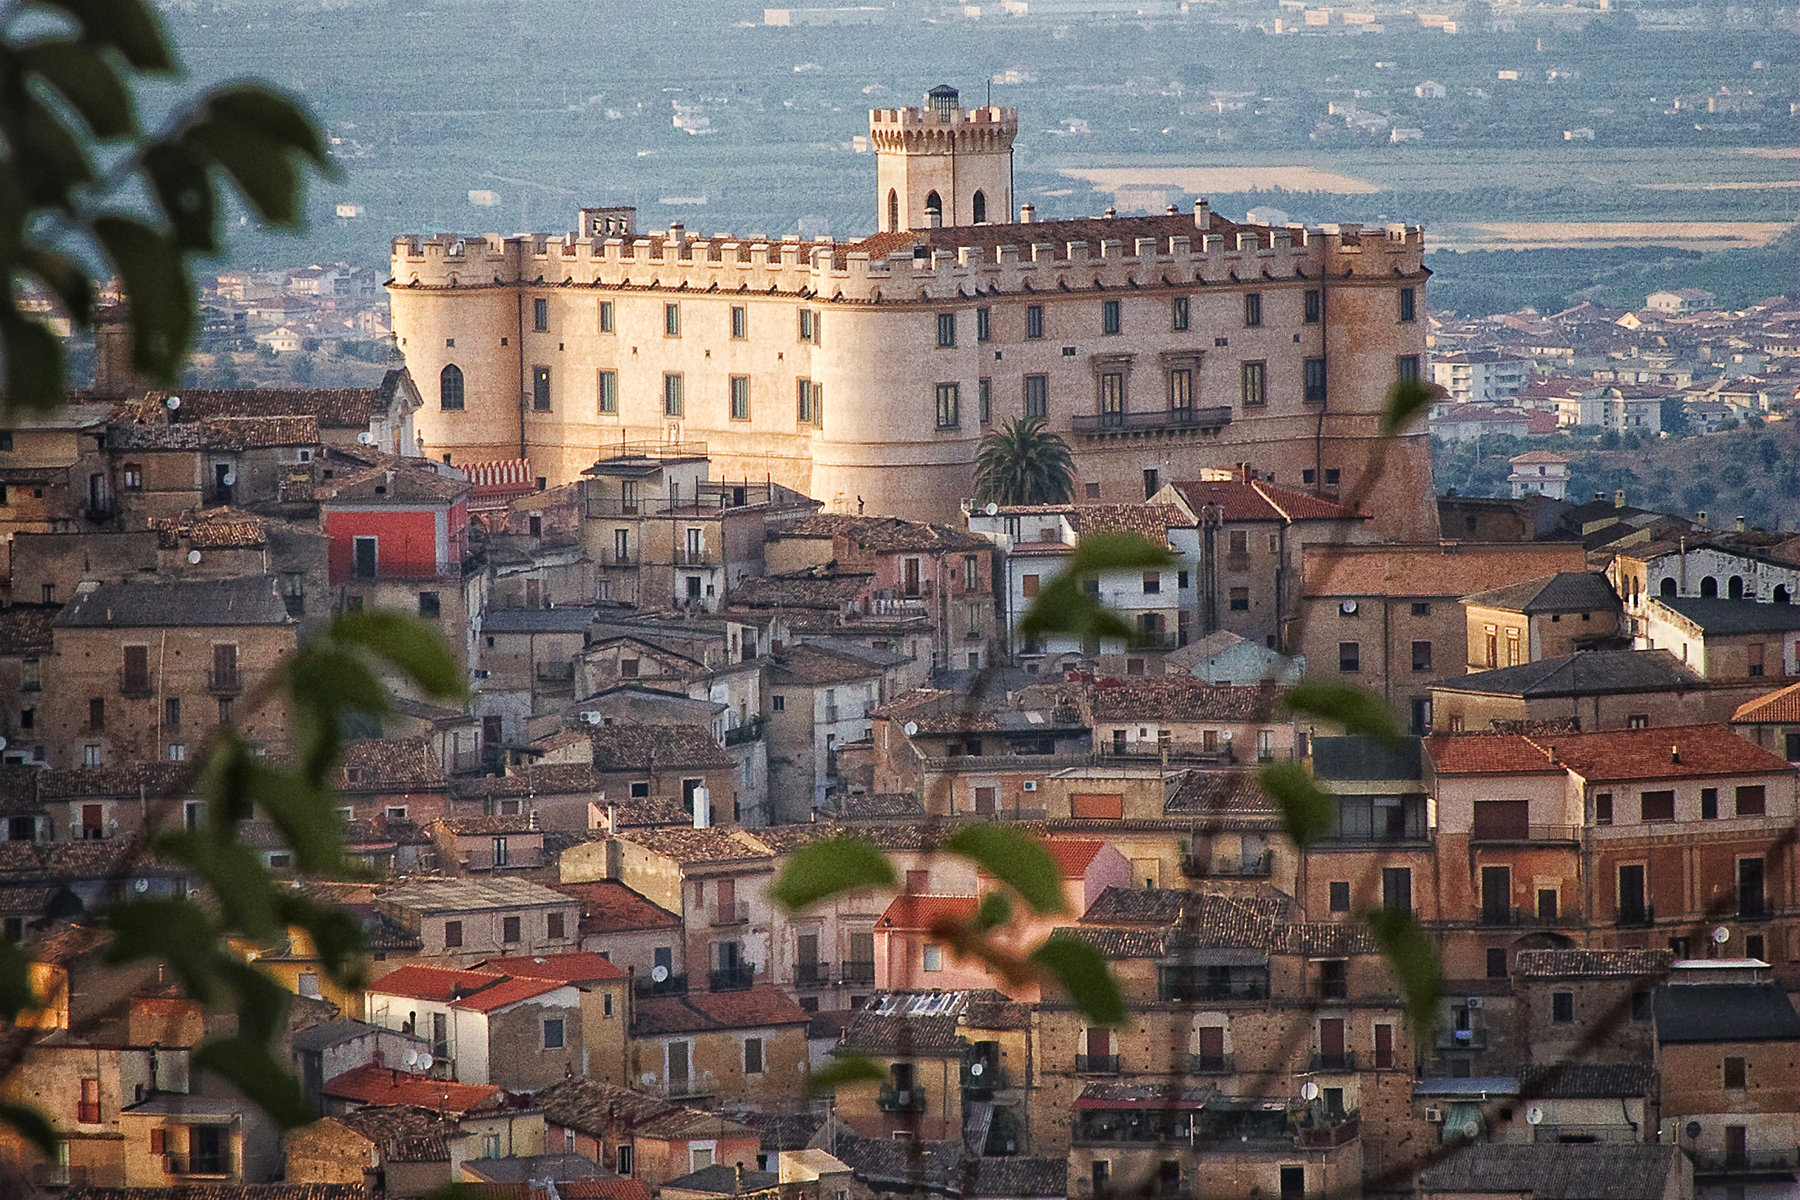 Il castello tra le case